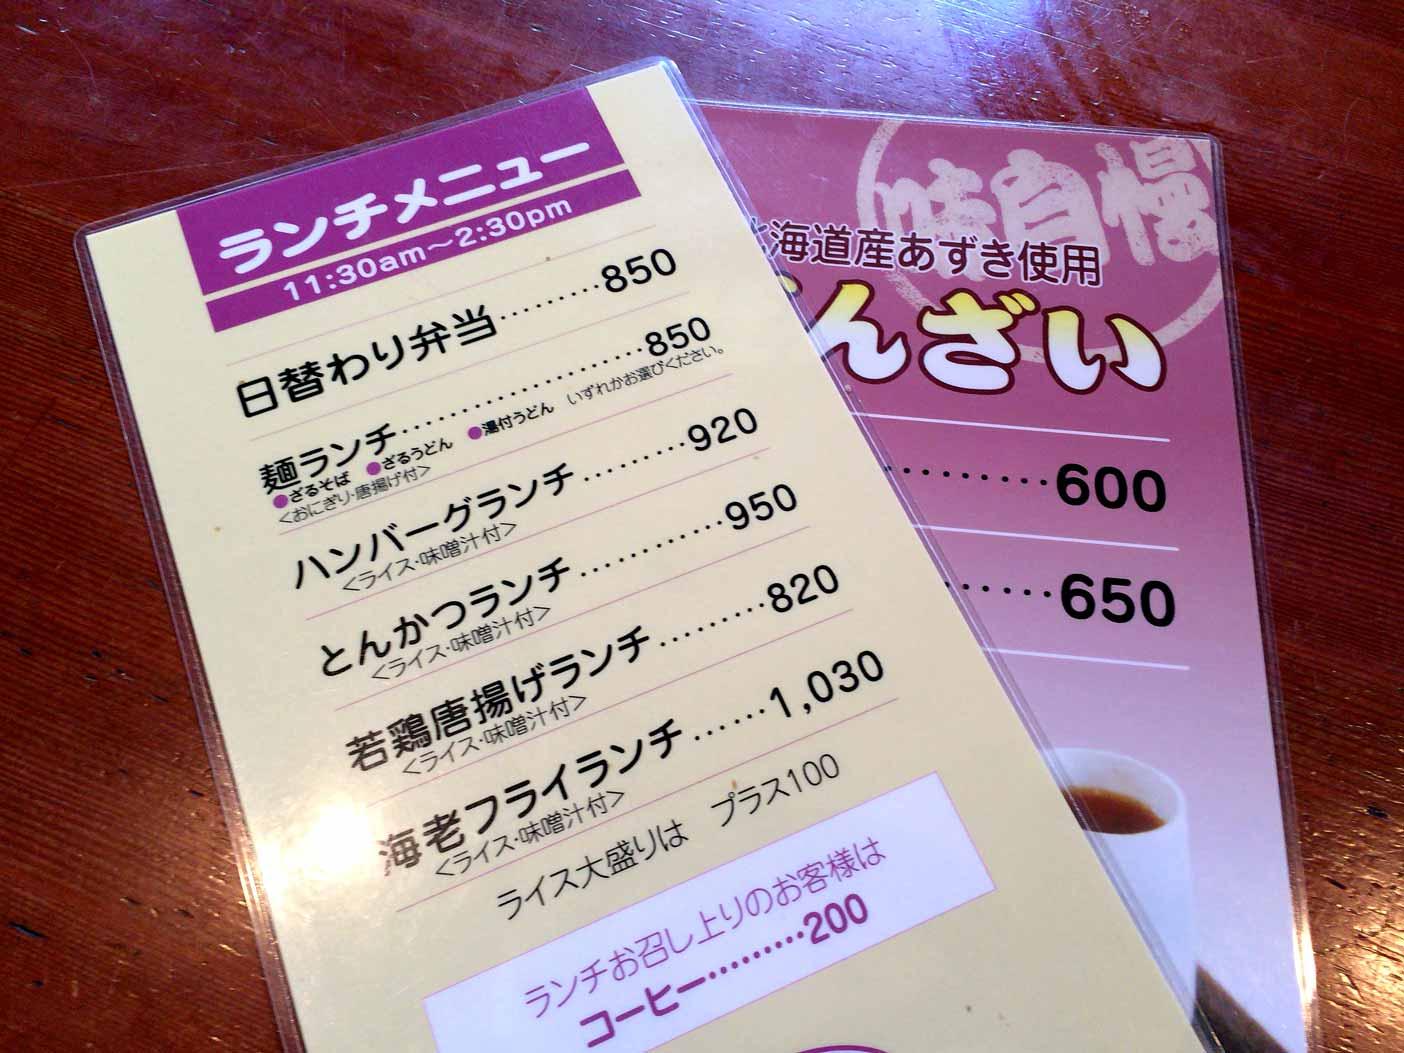 桜山・喫茶店「チェリー」のランチメニュー